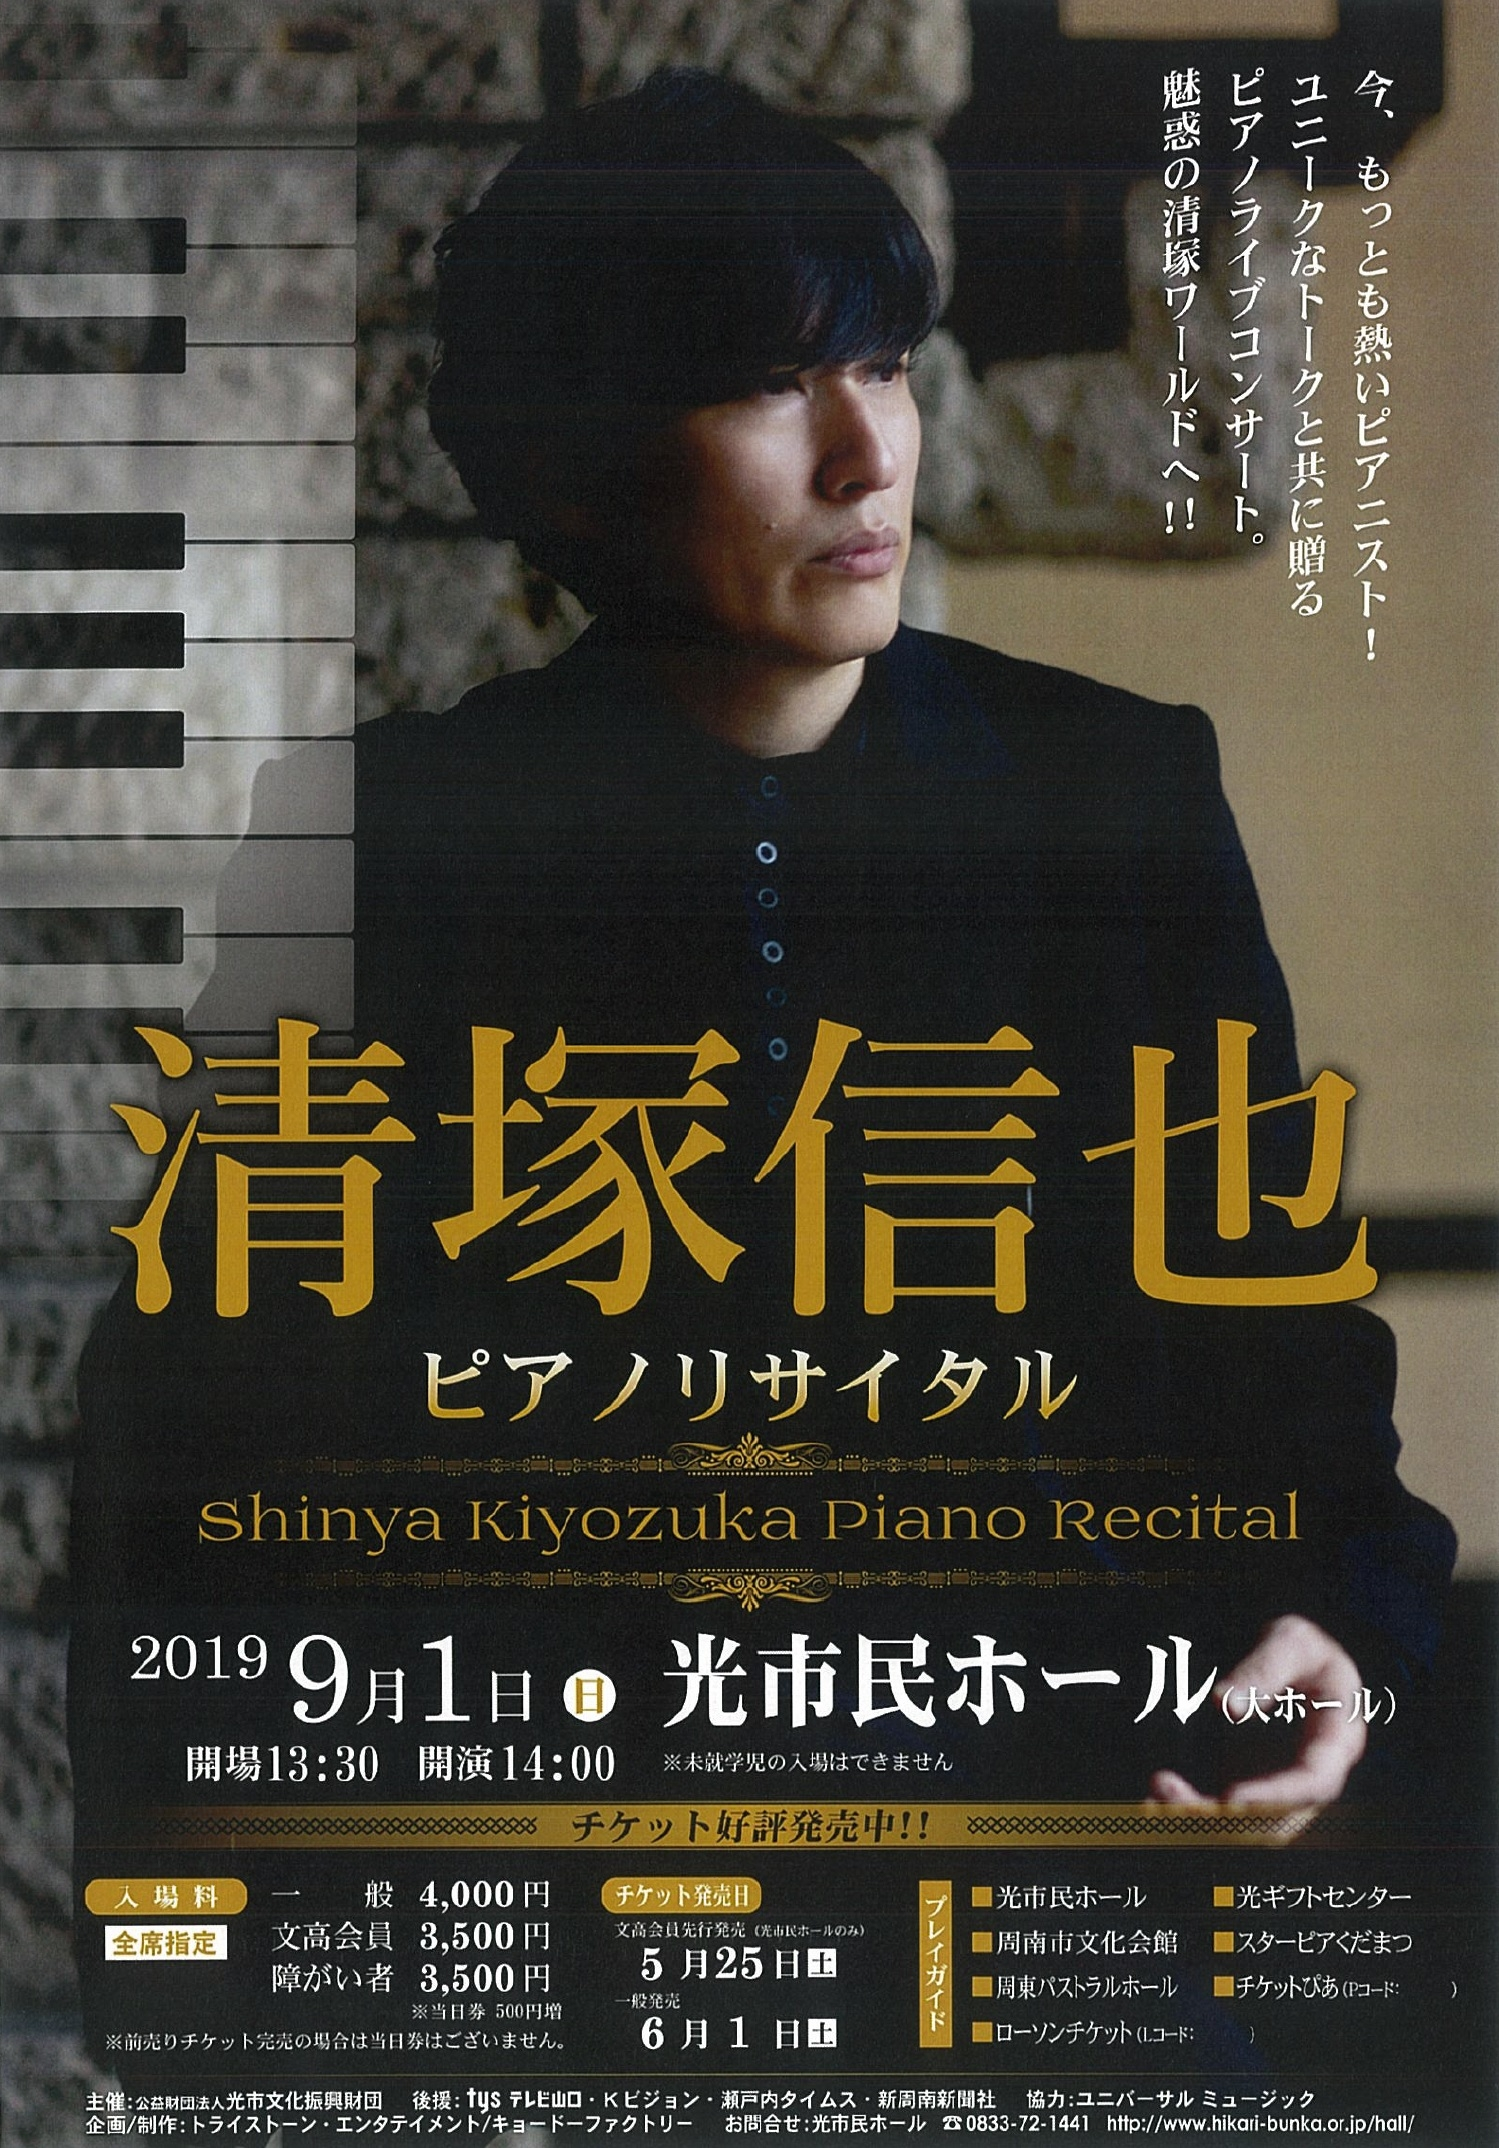 清塚信也 ピアノリサイタル